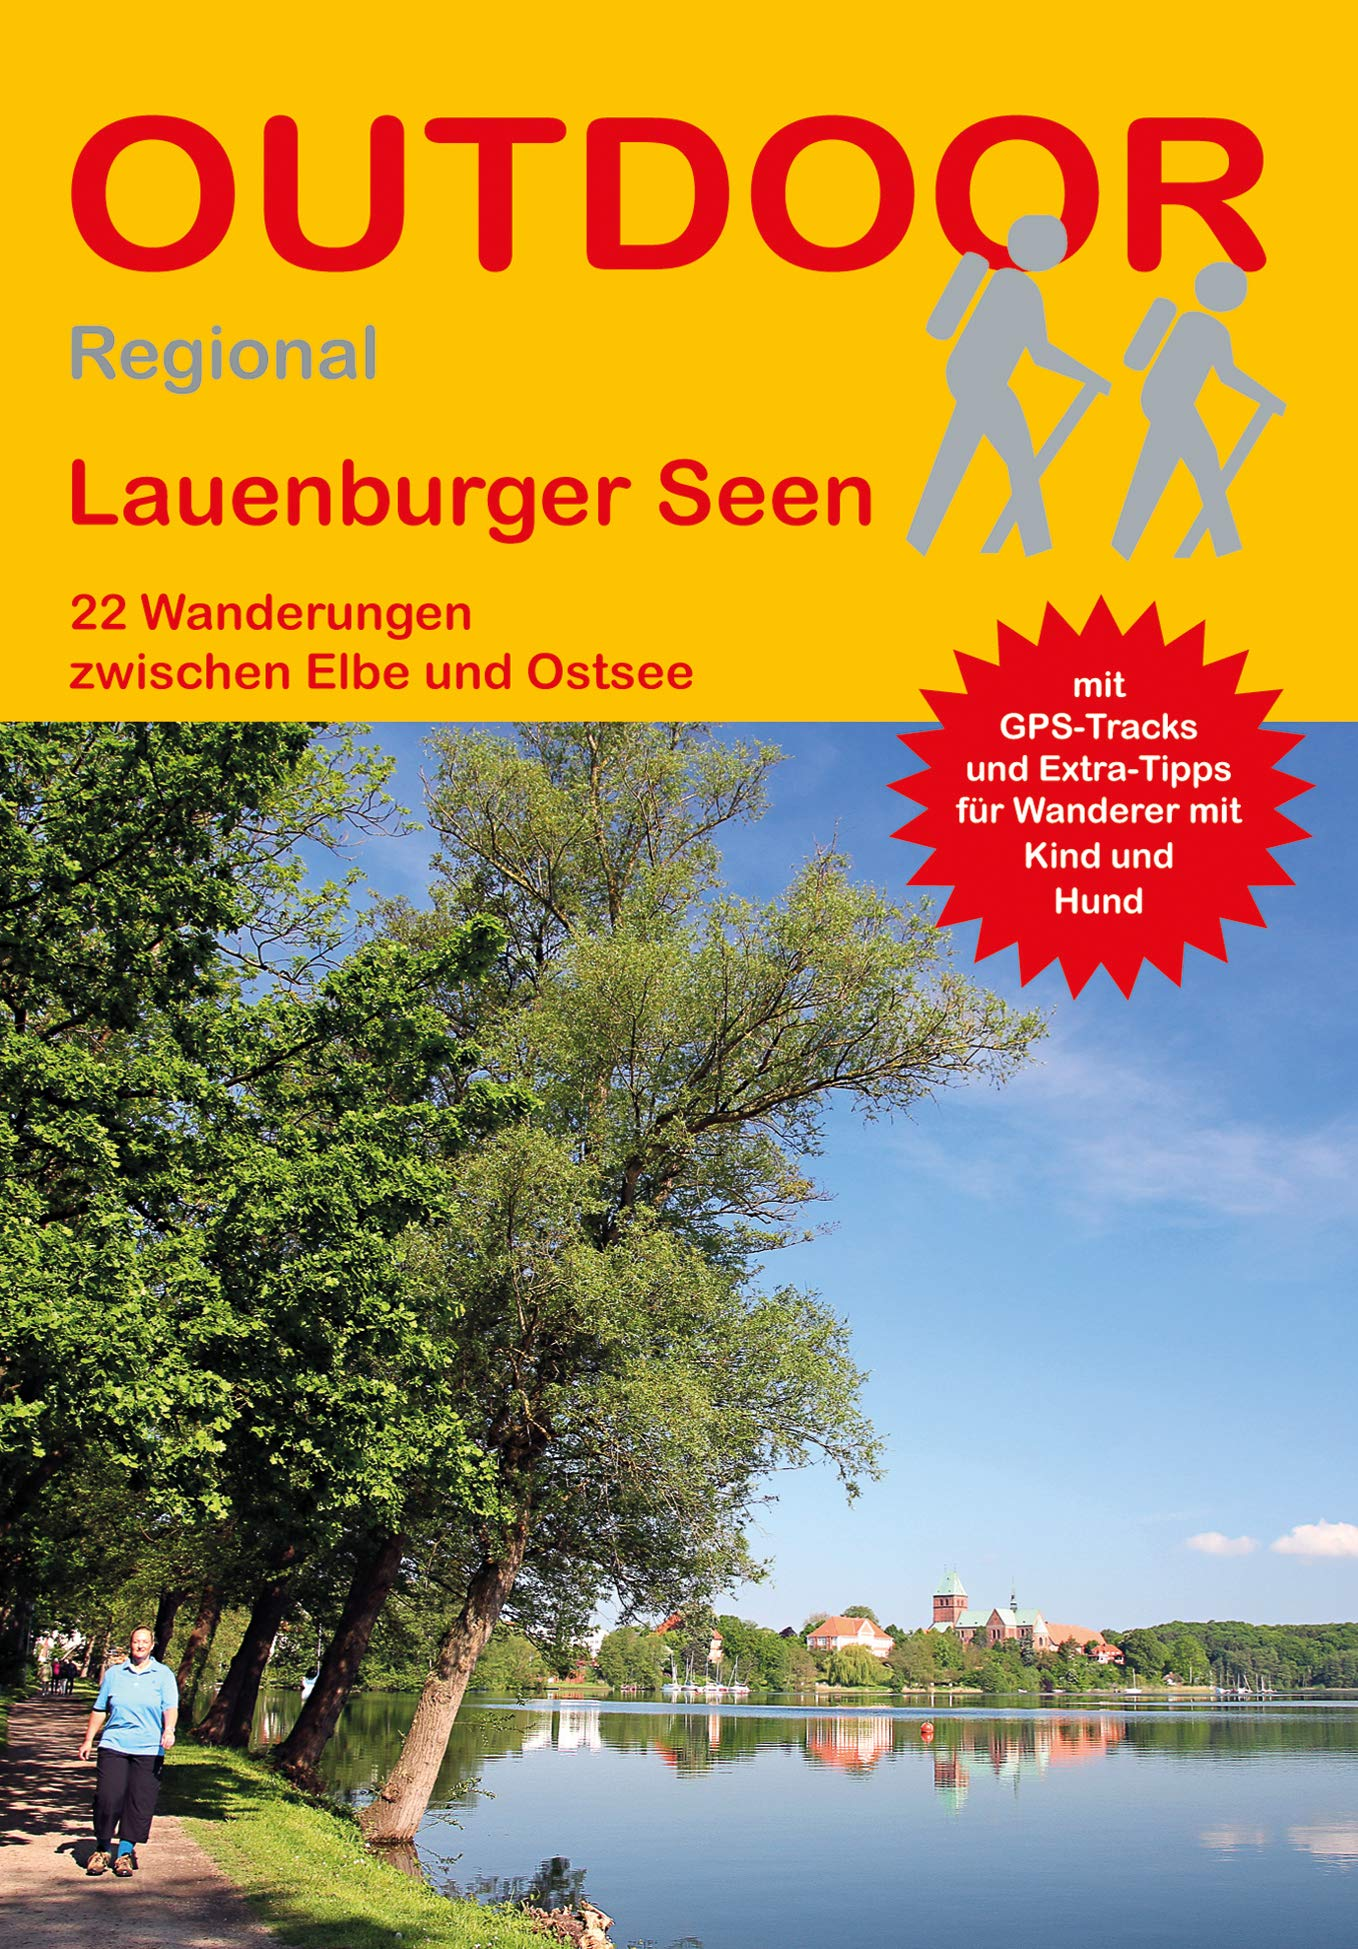 Lauenburger Seen: 22 Wanderungen zwischen Elbe und Ostsee (Outdoor Regional) Taschenbuch – 24. September 2018 Tonia Körner Conrad Stein Verlag 3866865341 Deutschland